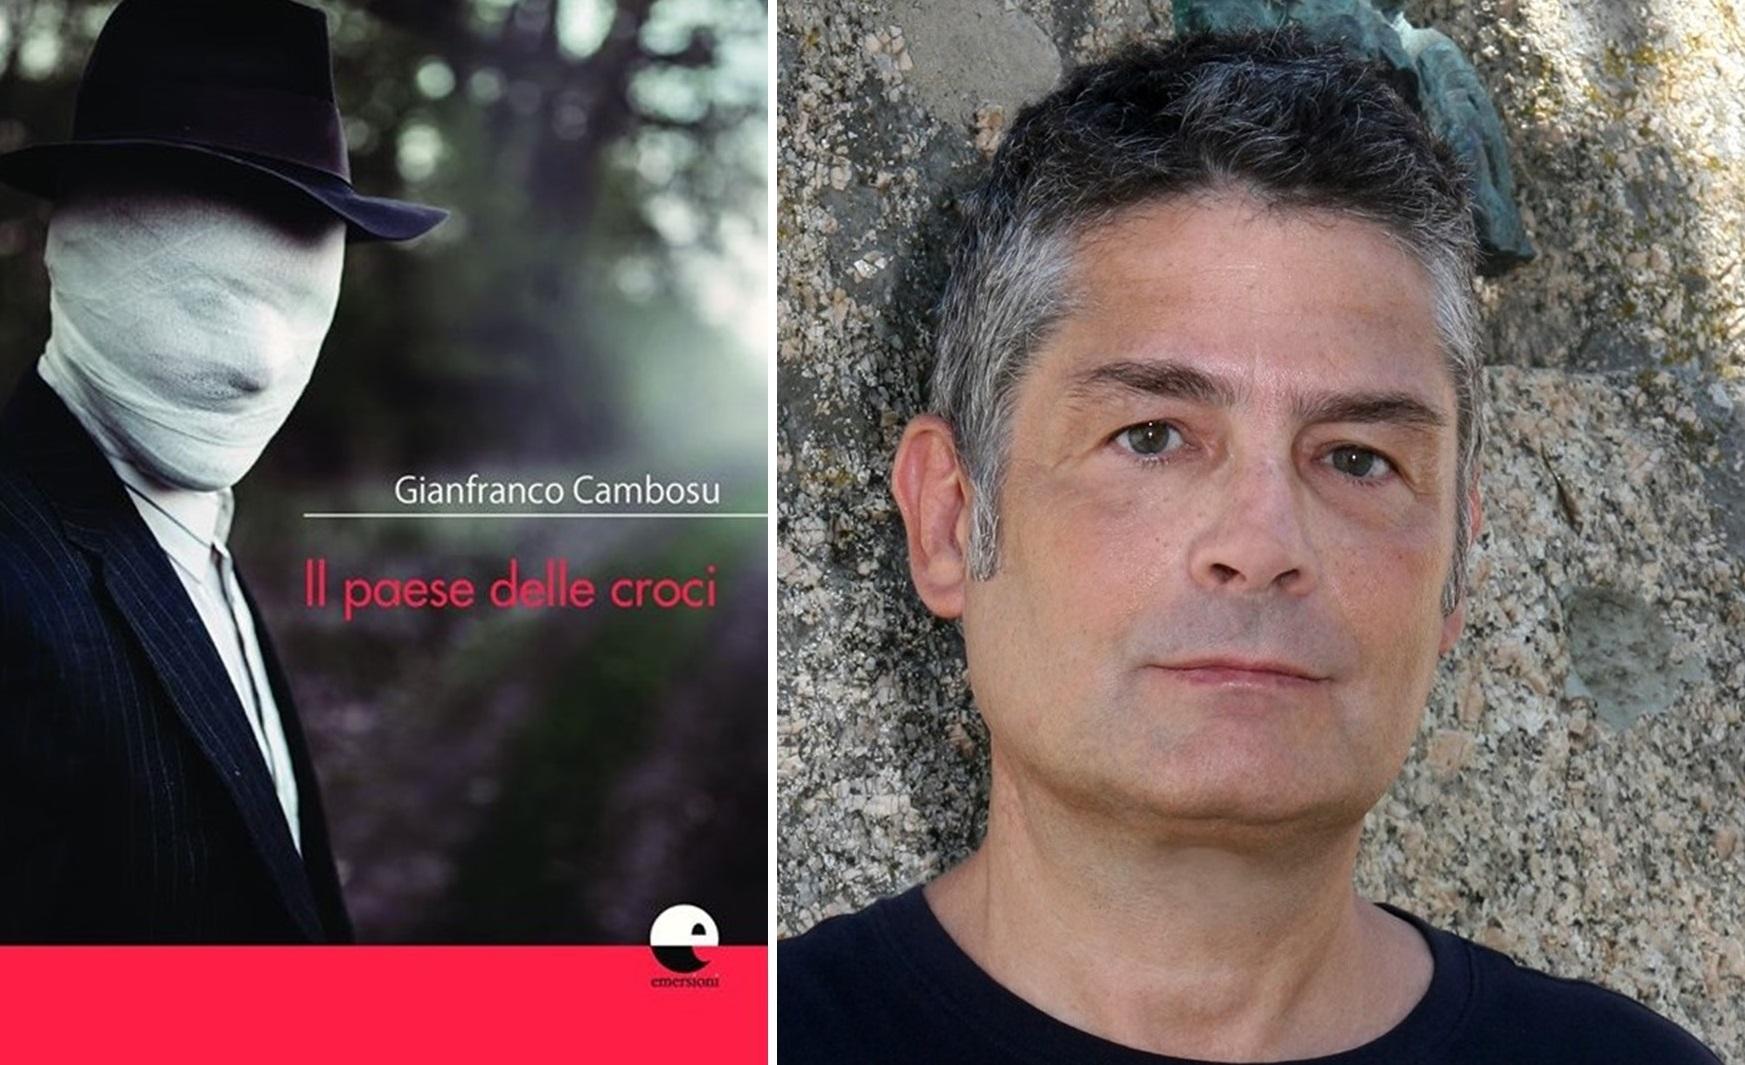 Il paese delle croci – Gianfranco Cambosu